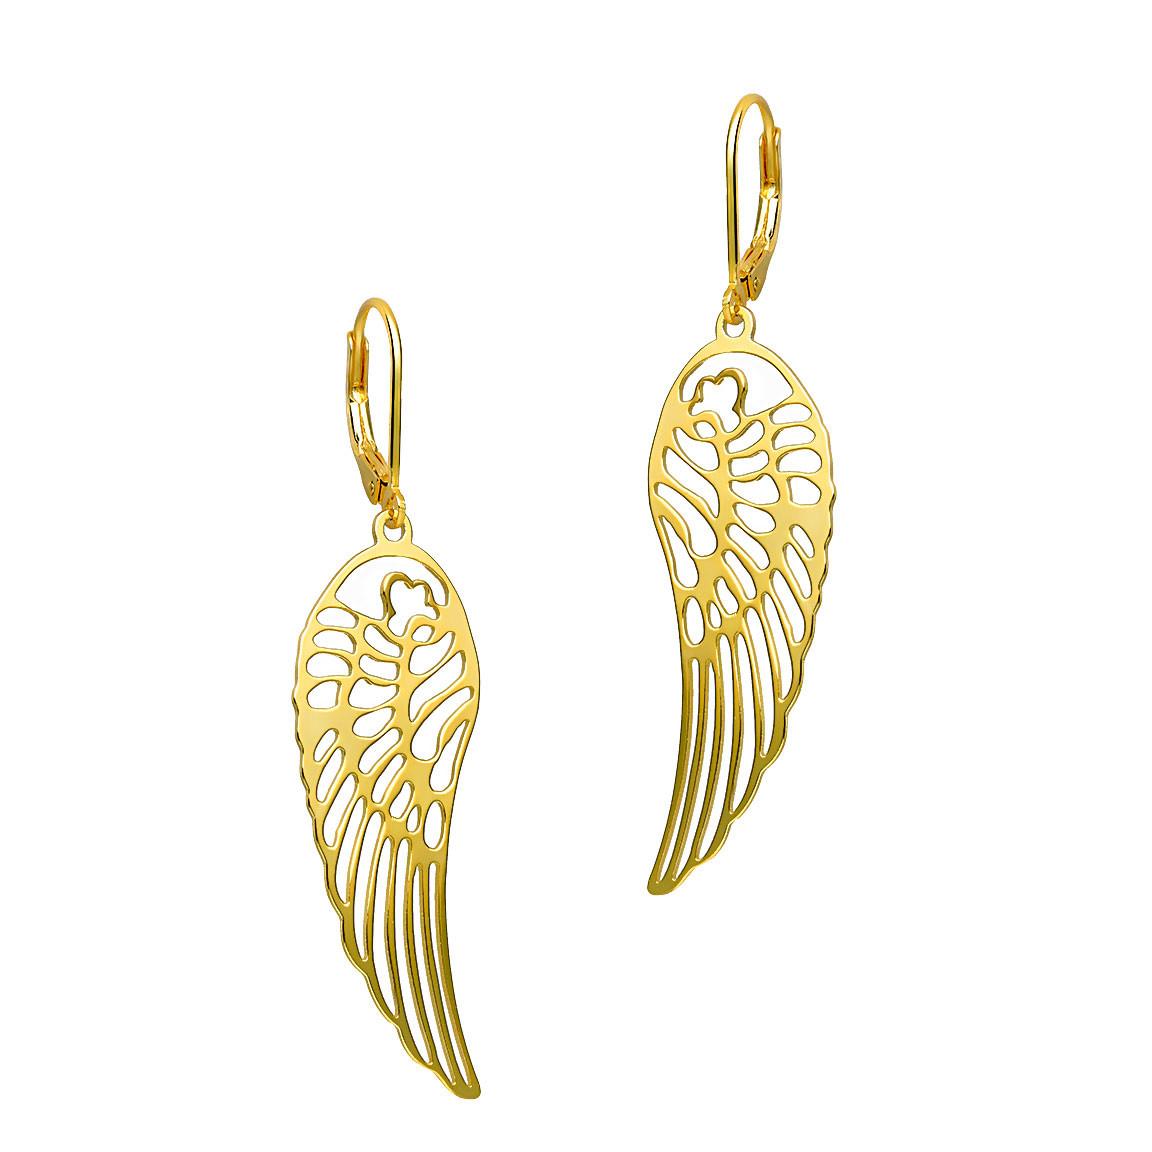 Kolczyki srebrne pozłacane skrzydła, zapięcie francuskie, próba 925